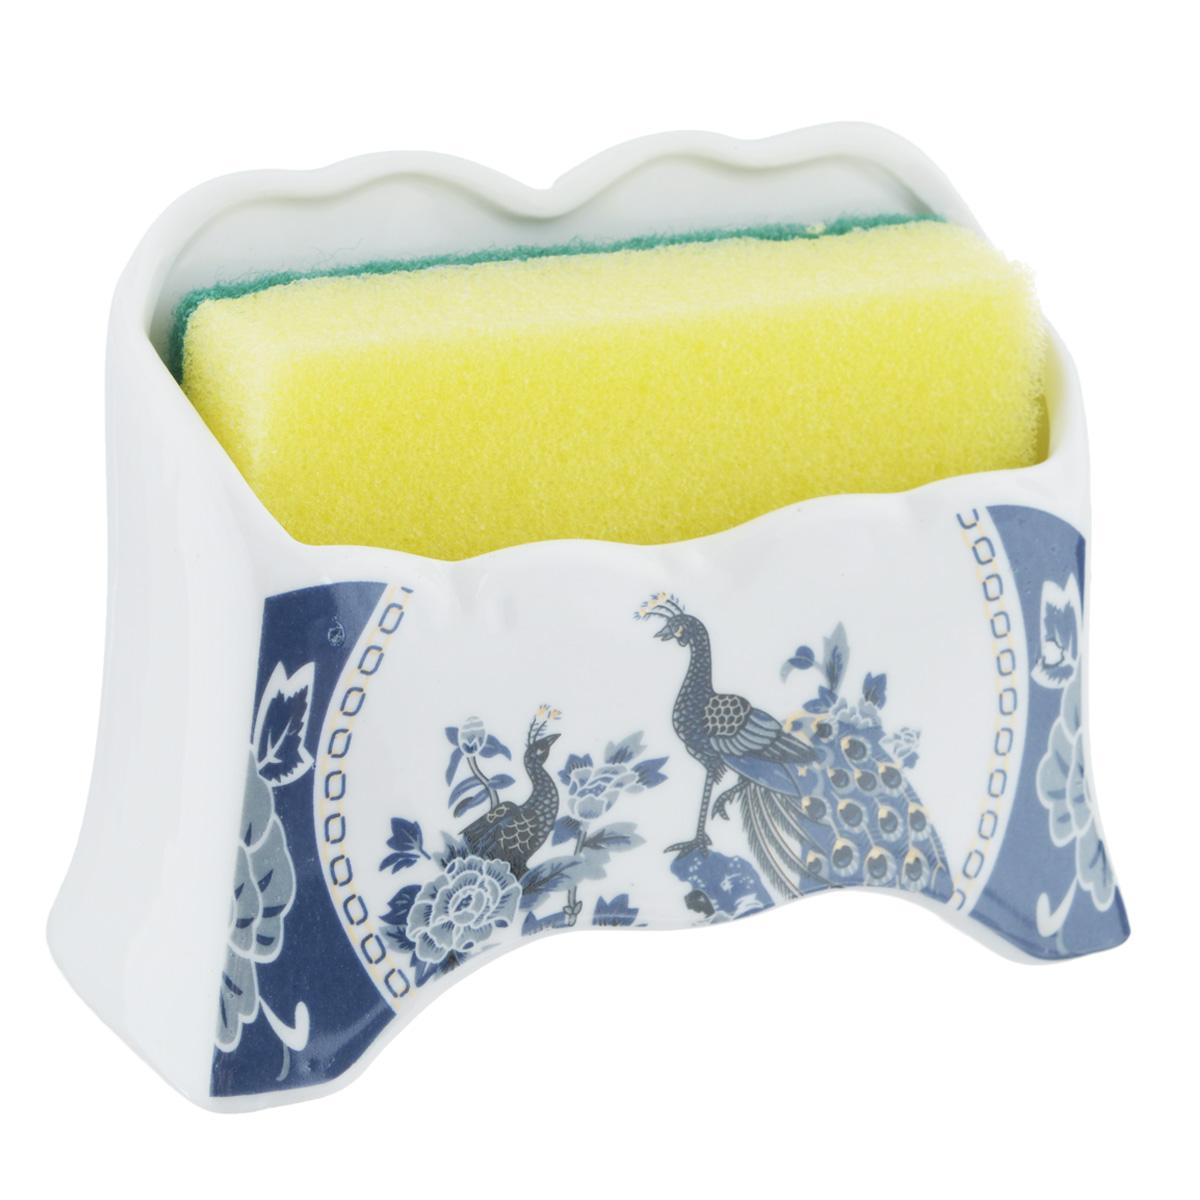 Набор для мытья посуды Saguro Синий павлин, 2 предмета532-233Подставка Saguro Синий павлин изготовлена из высококачественного фарфора и оформлена изображением павлинов. В комплект с подставкой входит губка для мытья посуды. Изящная подставка прекрасно впишется в интерьер вашей кухни. Не применять абразивные моющие средства. Размер подставки: 11,5 см х 5 см х 8,5 см.